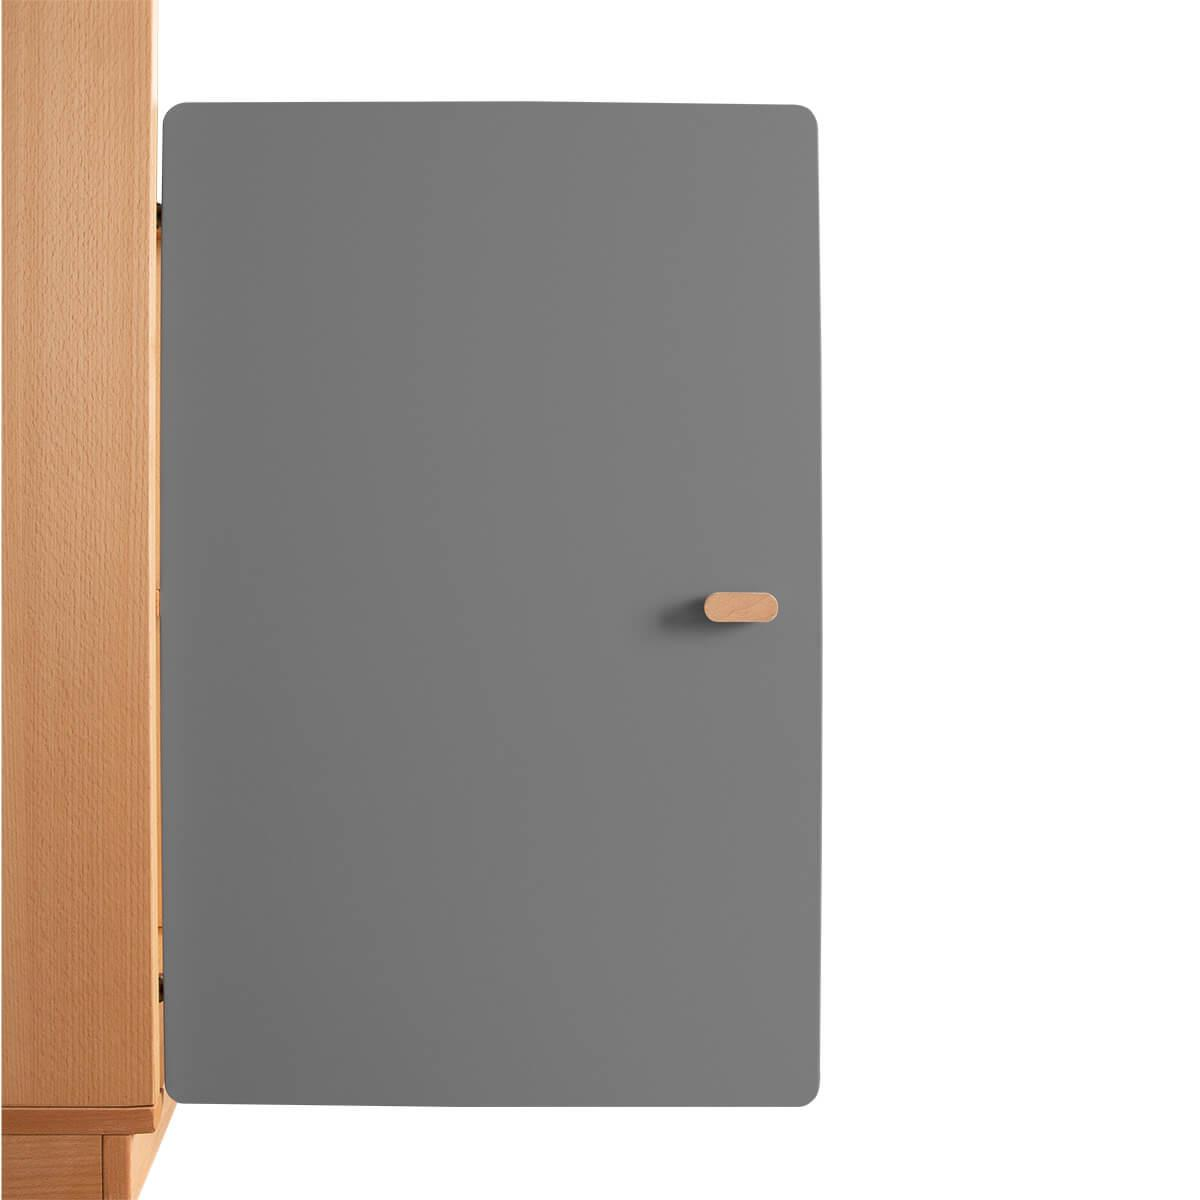 Schranktür 2/5 70cm-Griff DESTYLE de Breuyn MDF anthrazit-lackiert